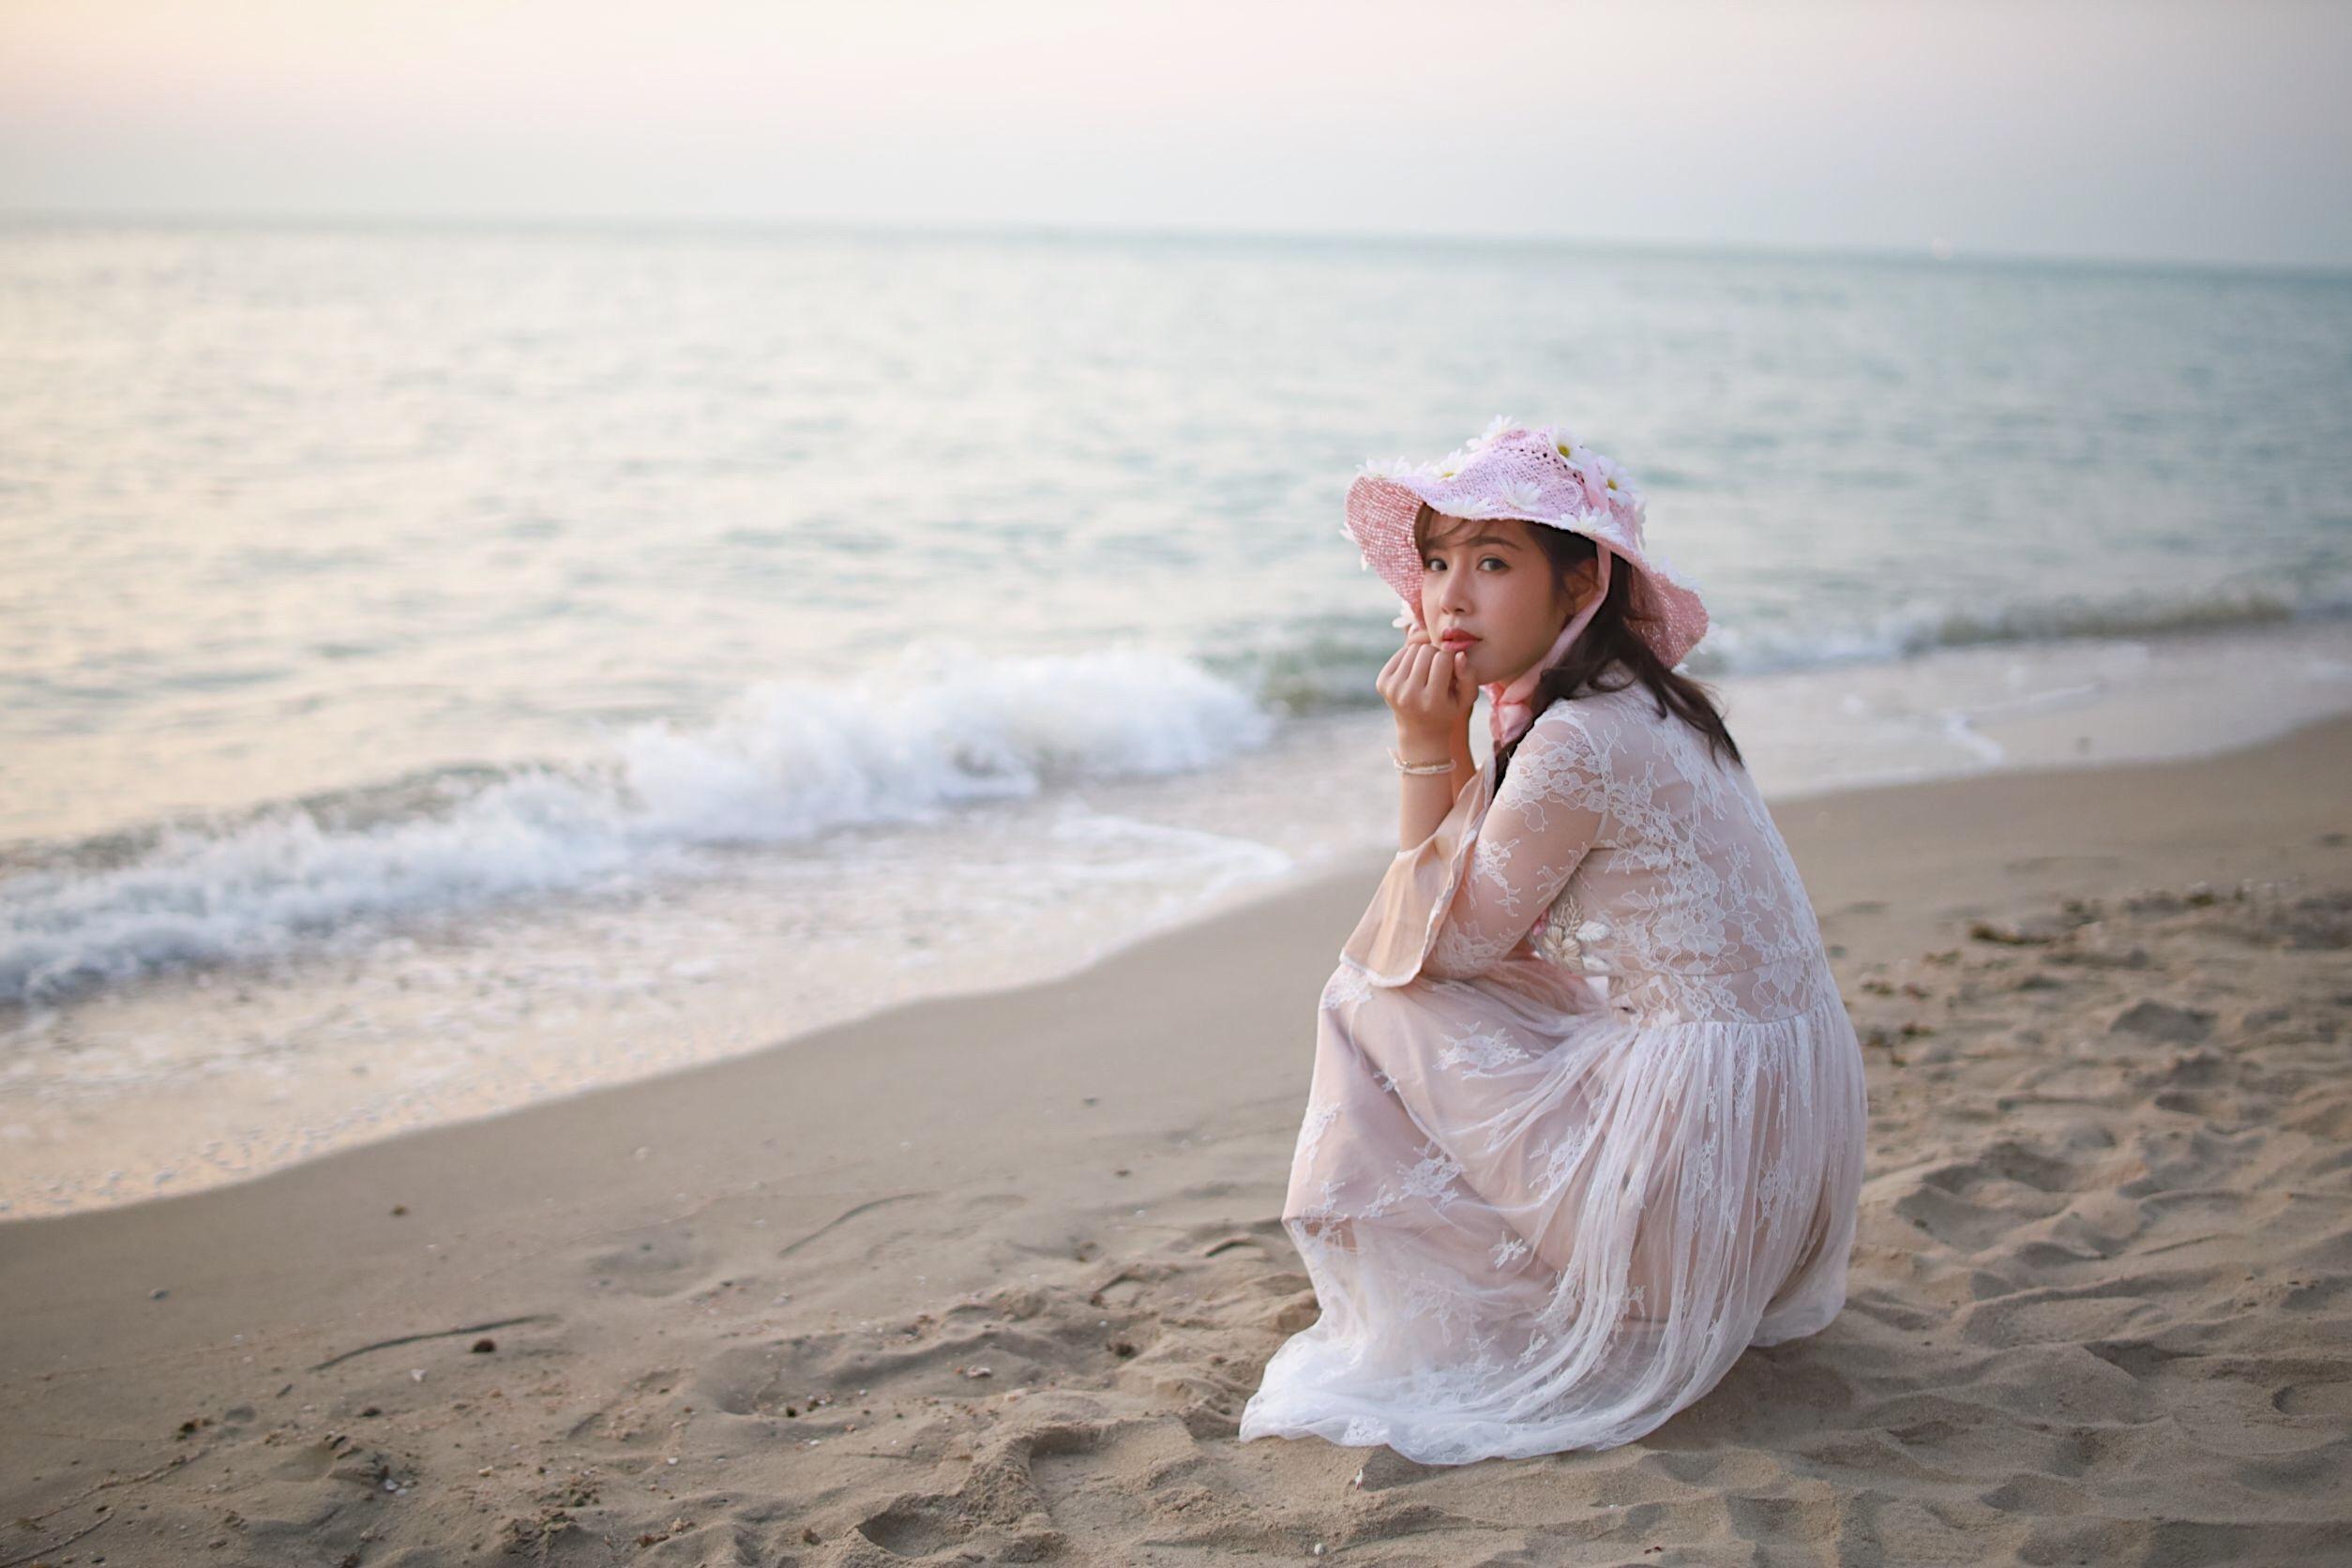 คิดถึงเสียงคลื่น...บรรยากาศที่สวยงามของทะเล